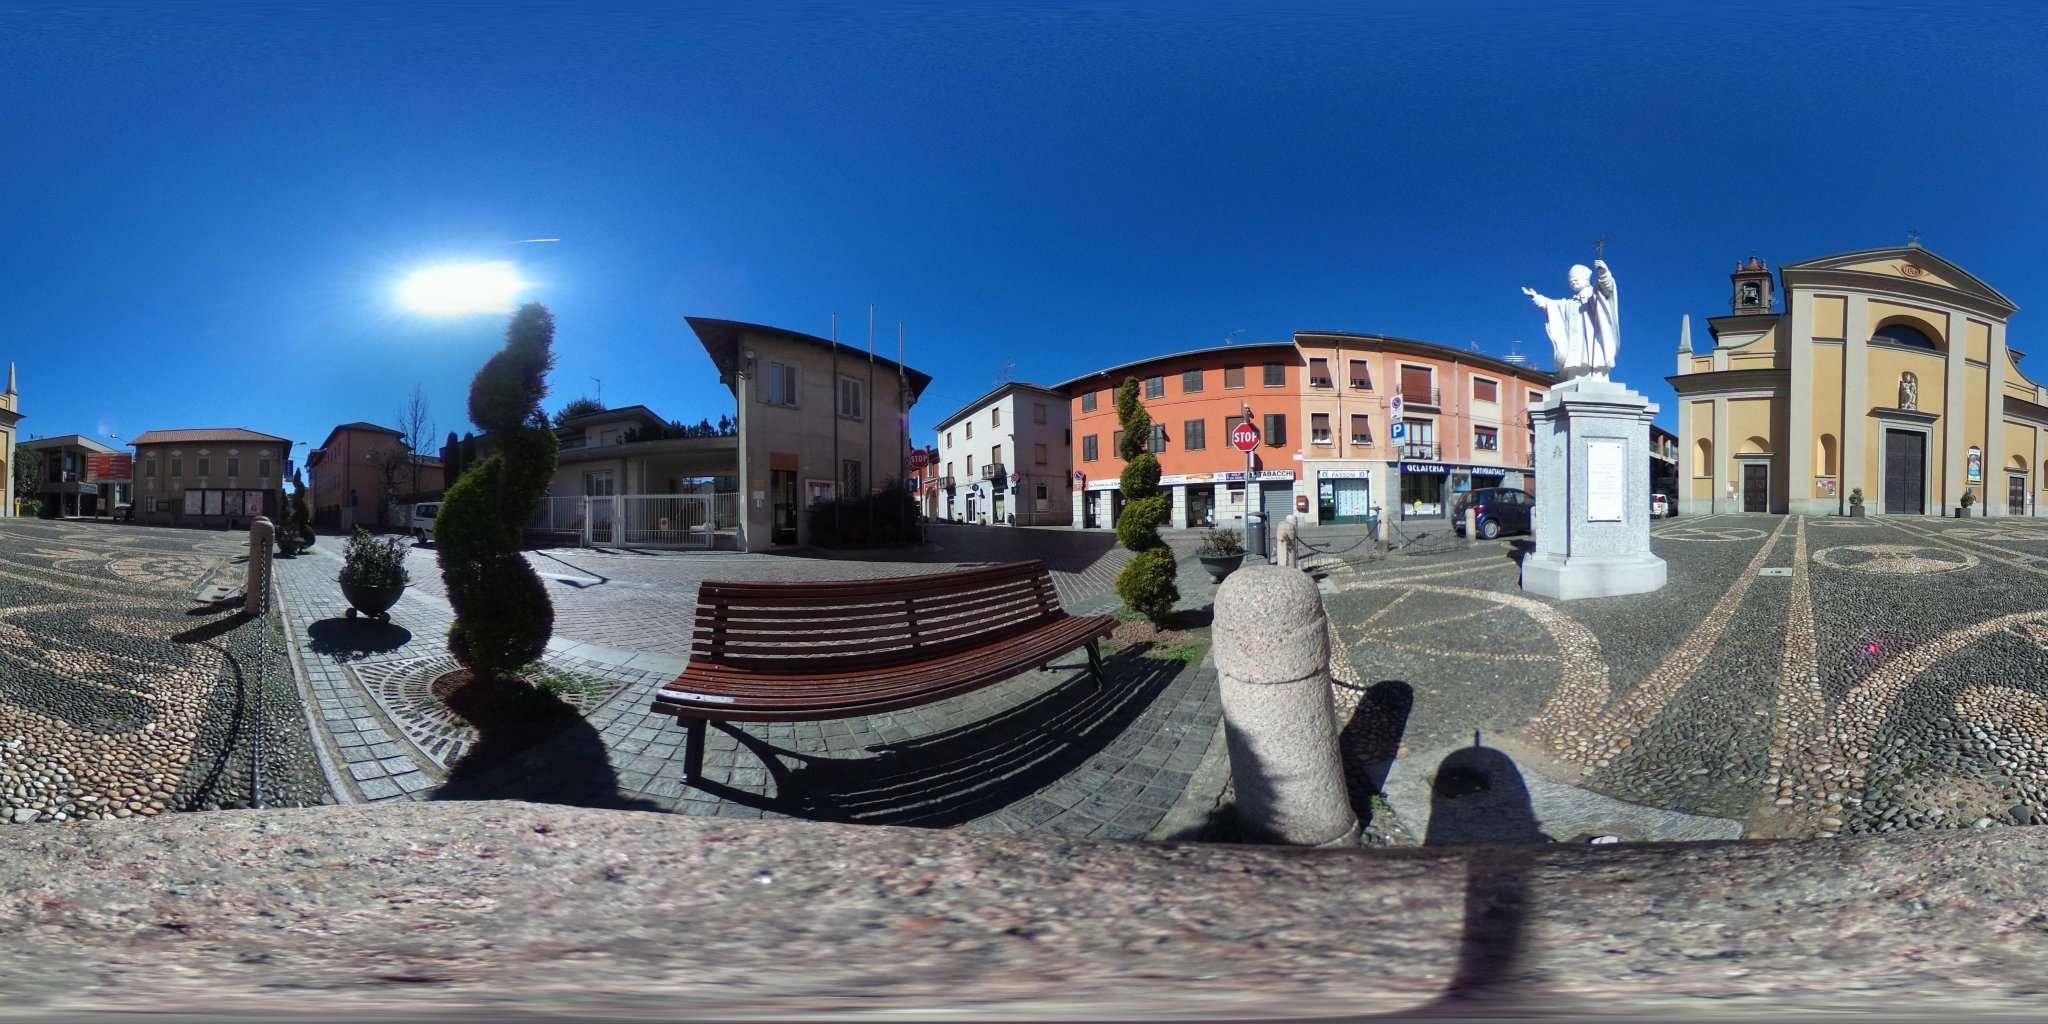 Negozio / Locale in vendita a Cassano Magnago, 1 locali, prezzo € 100.000 | CambioCasa.it